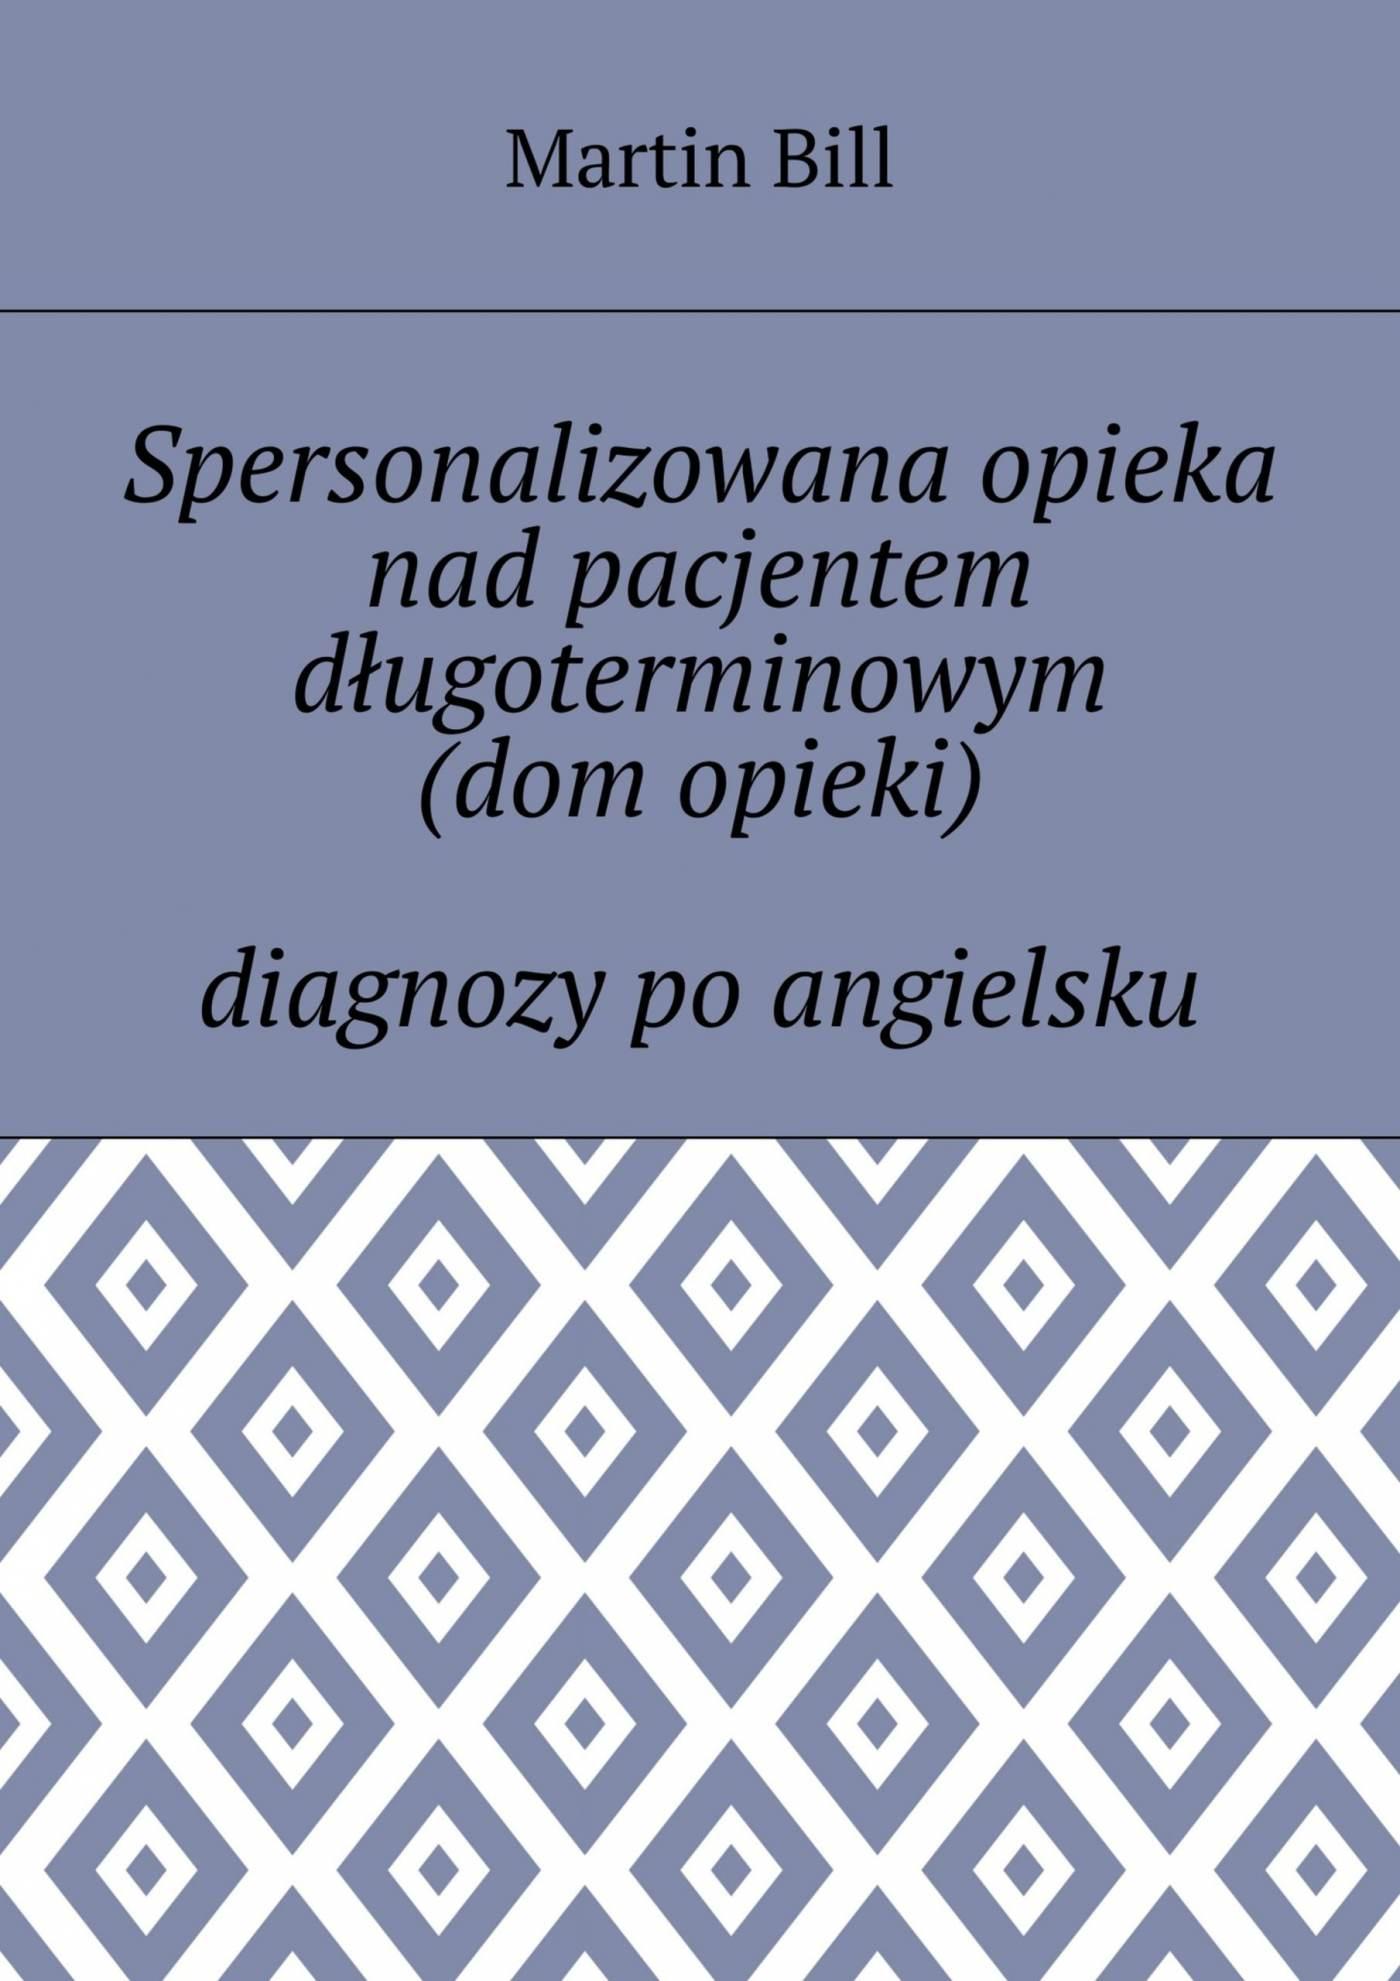 Spersonalizowana opieka nad pacjentem długoterminowym (dom opieki) — diagnozy po angielsku - Ebook (Książka EPUB) do pobrania w formacie EPUB